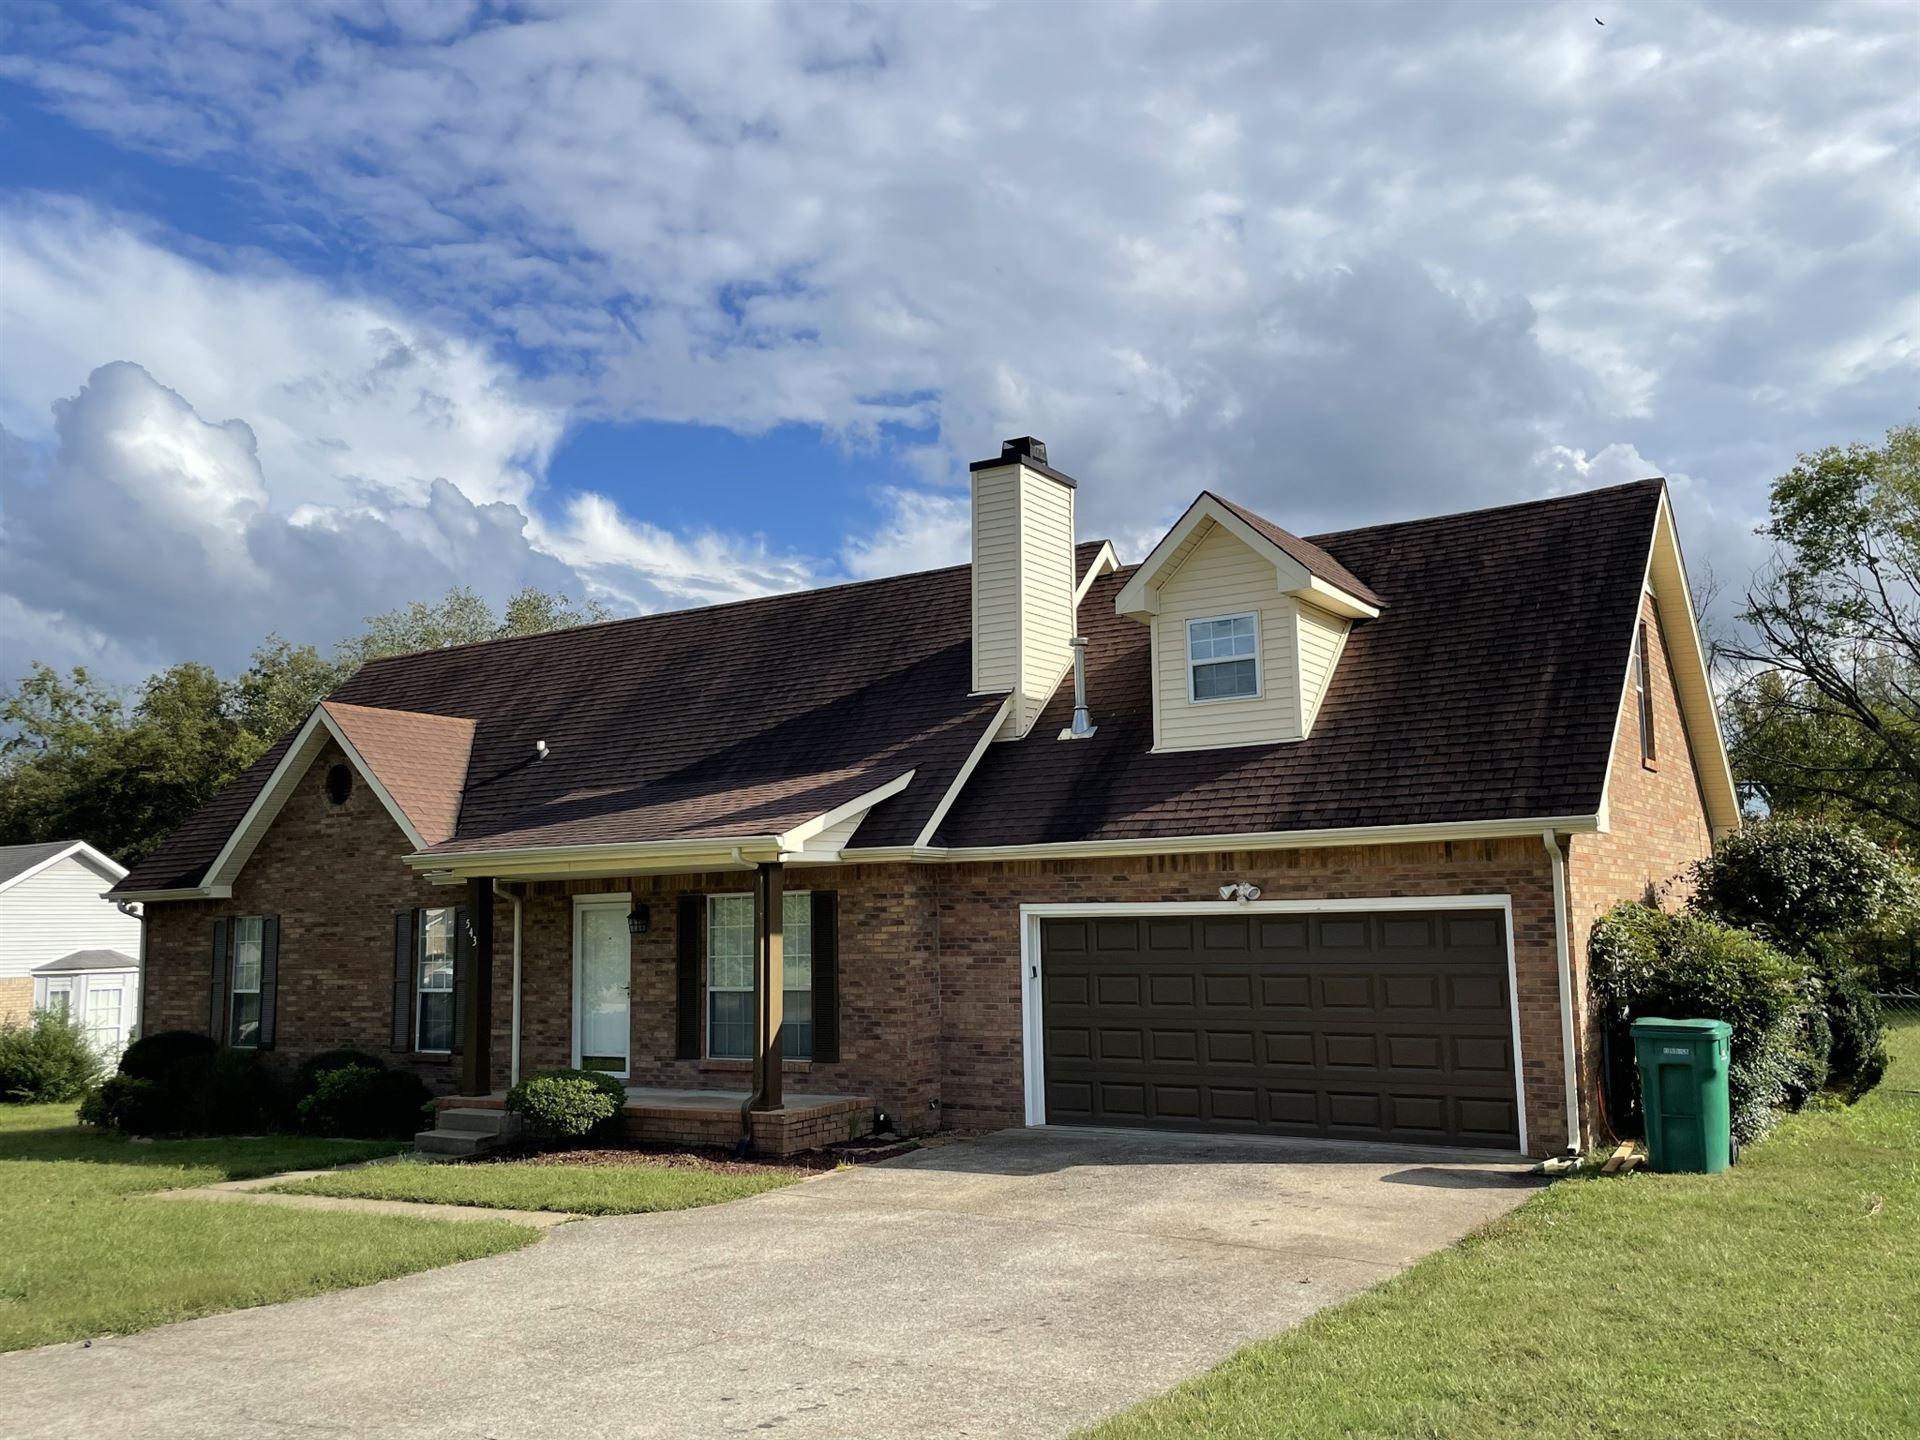 543 Brentwood Cir, Clarksville, TN 37042 - MLS#: 2297858